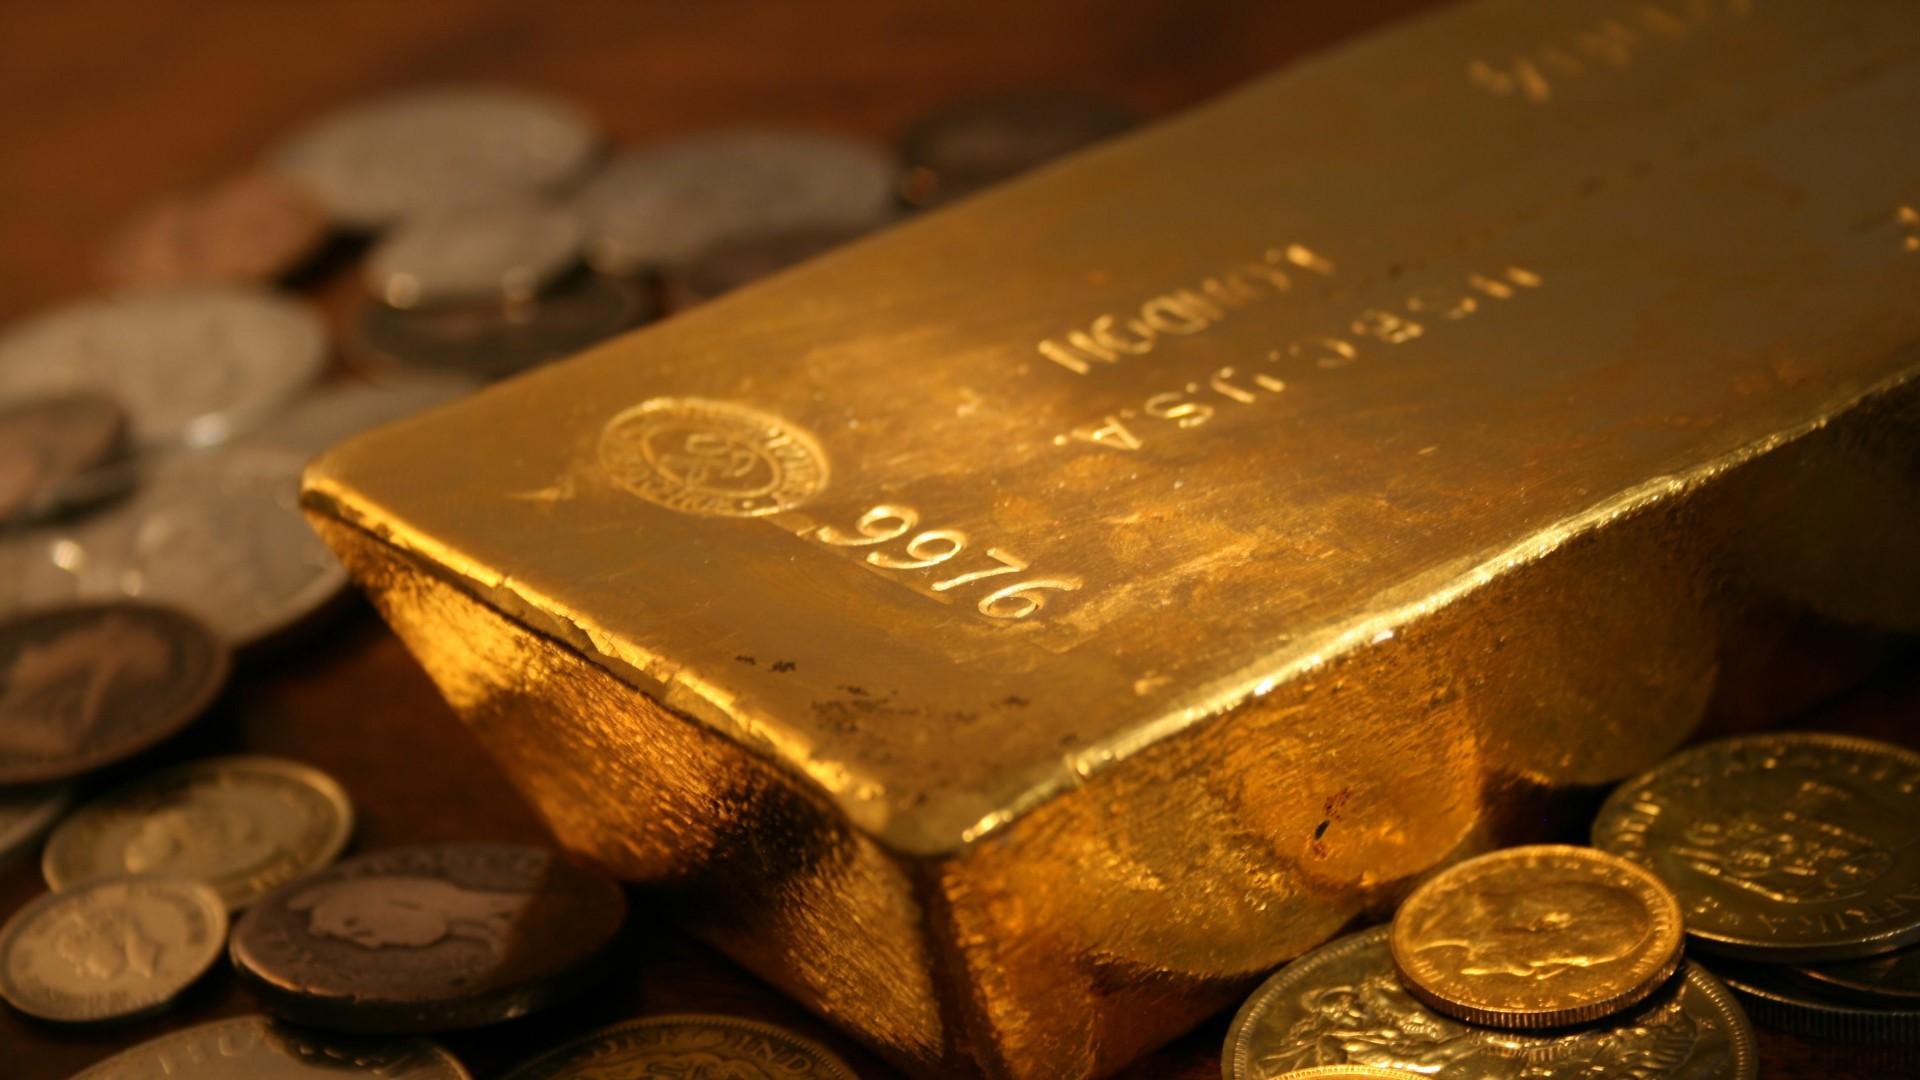 Giá vàng hôm nay 22/9/2020: Giá vàng SJC mua vào giảm gần 300.000 đồng/lượng - Ảnh 1